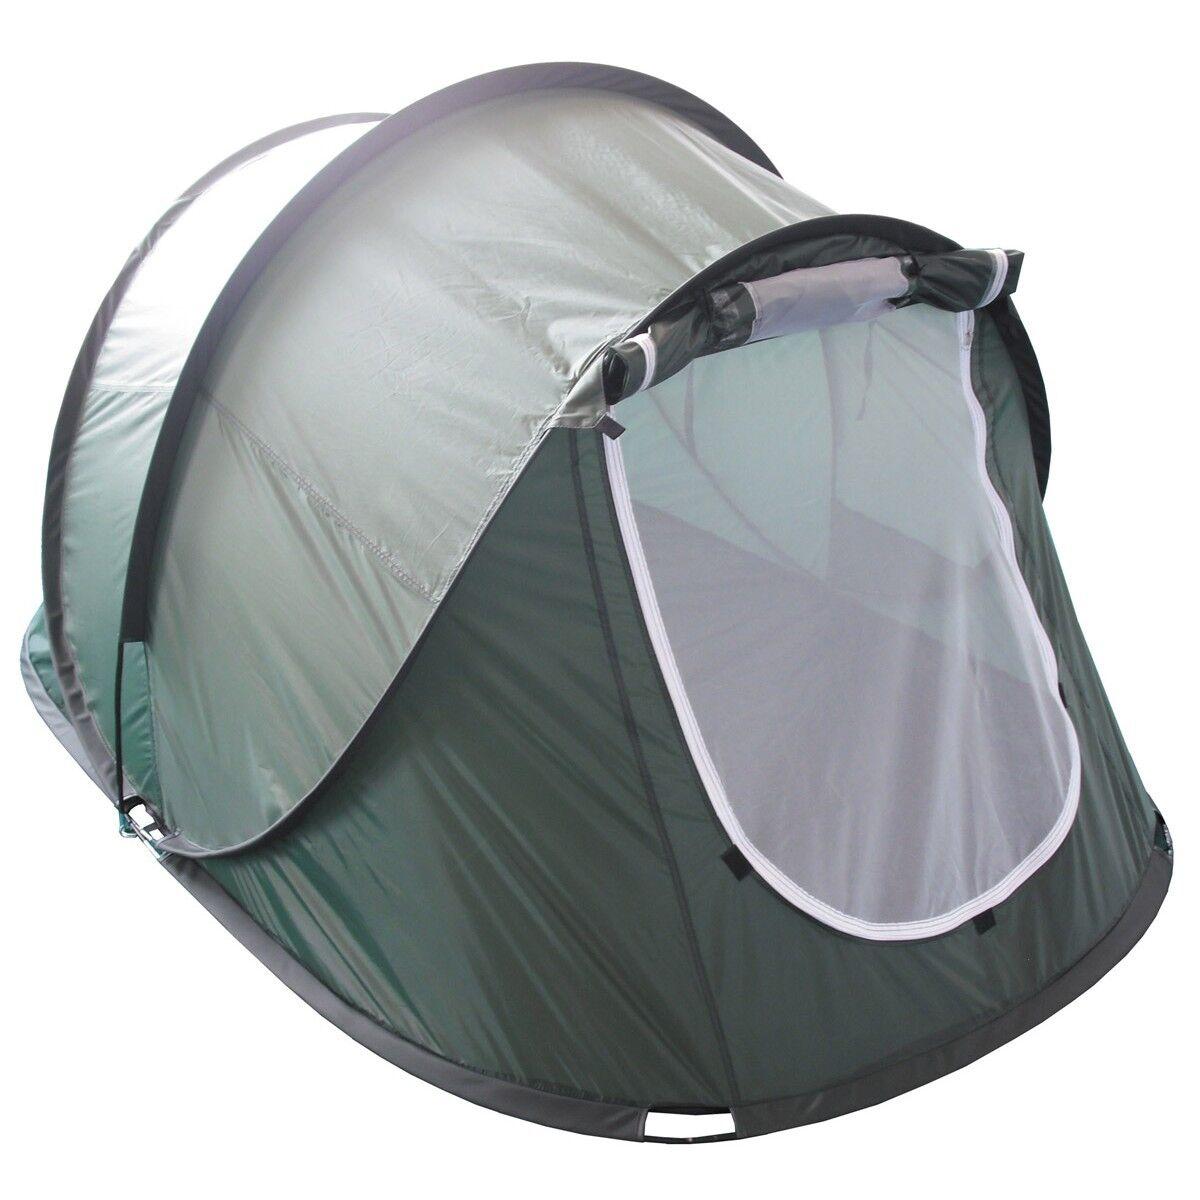 s l1600 - Mfh Tienda Militar Da Acampada Excursiones Pop-Up Tent Rachel Od Green